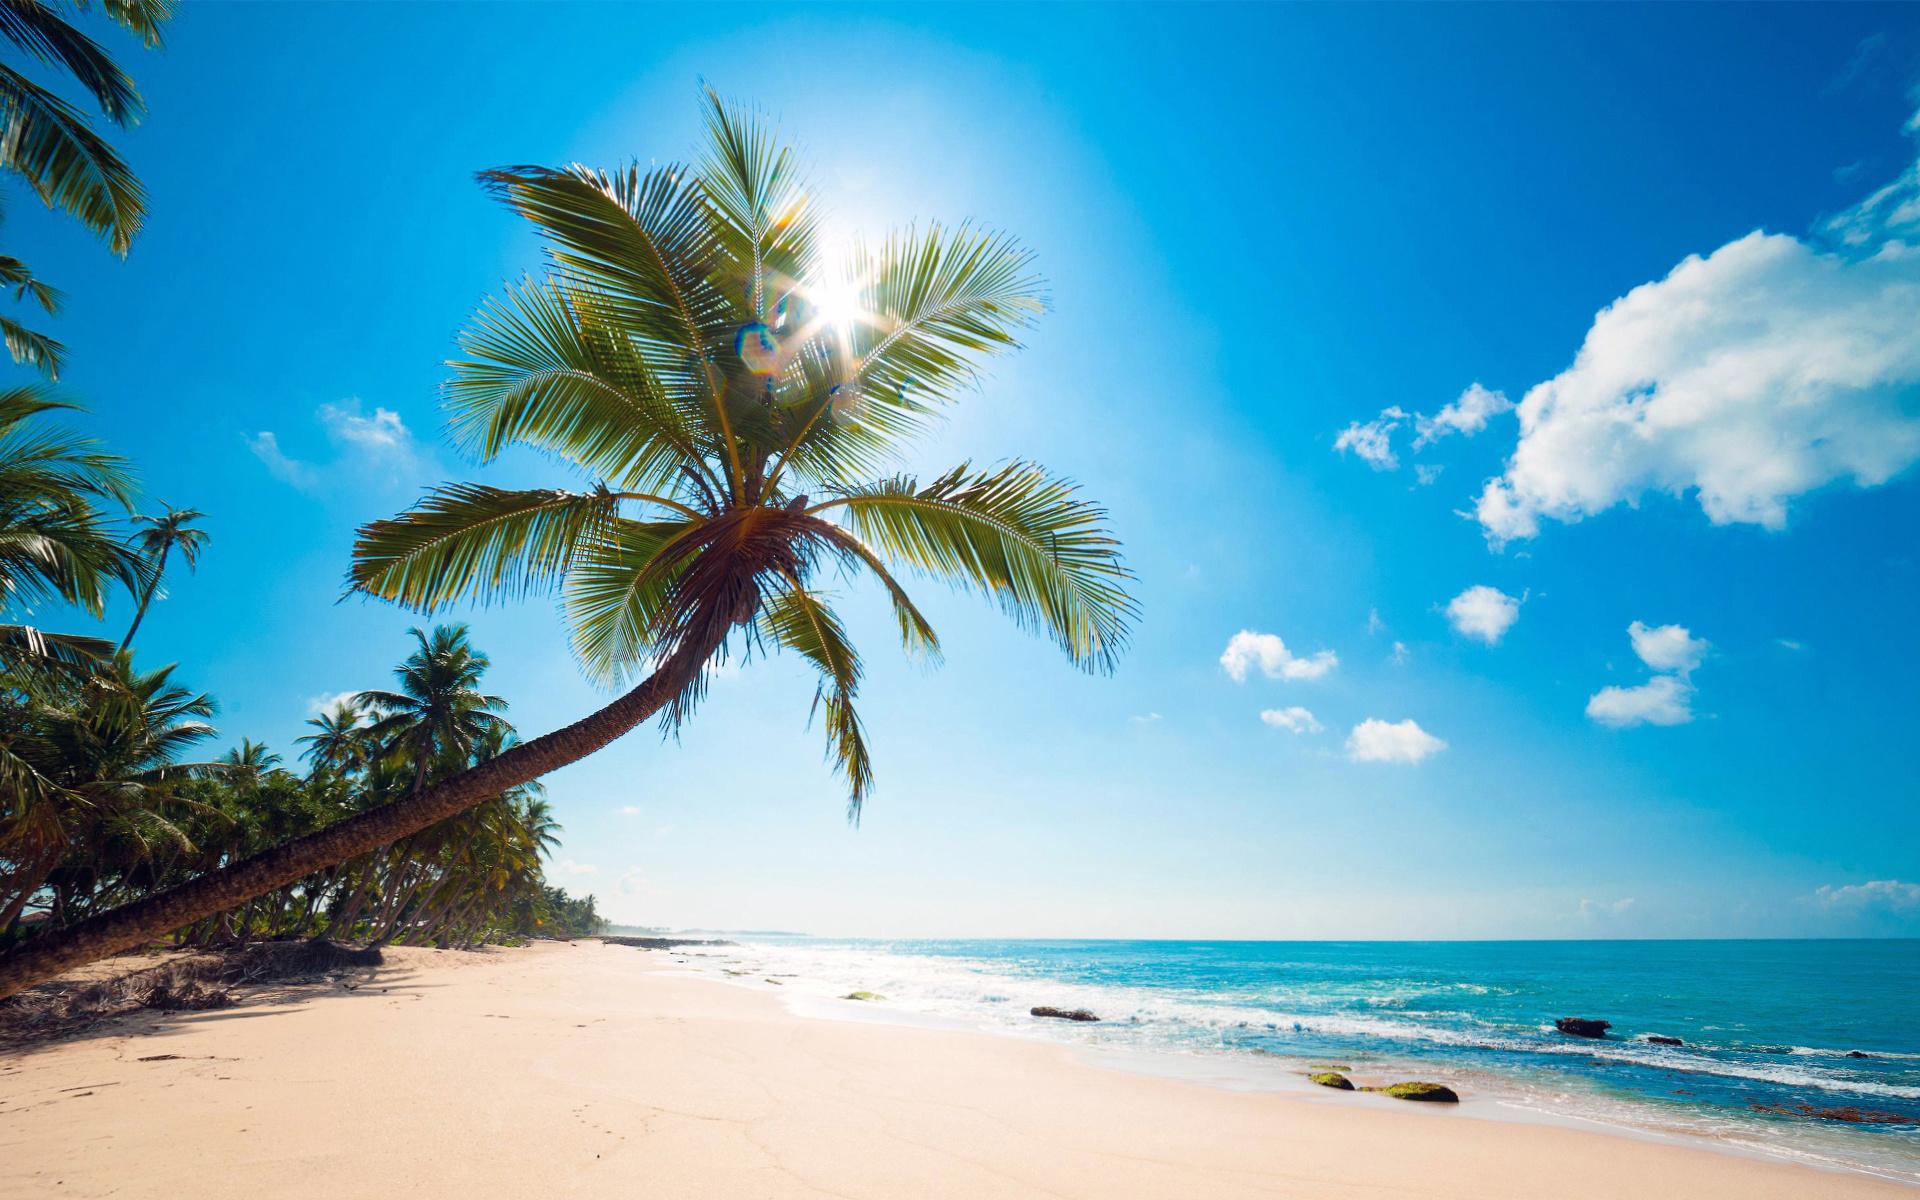 Работы, лето пляж картинки